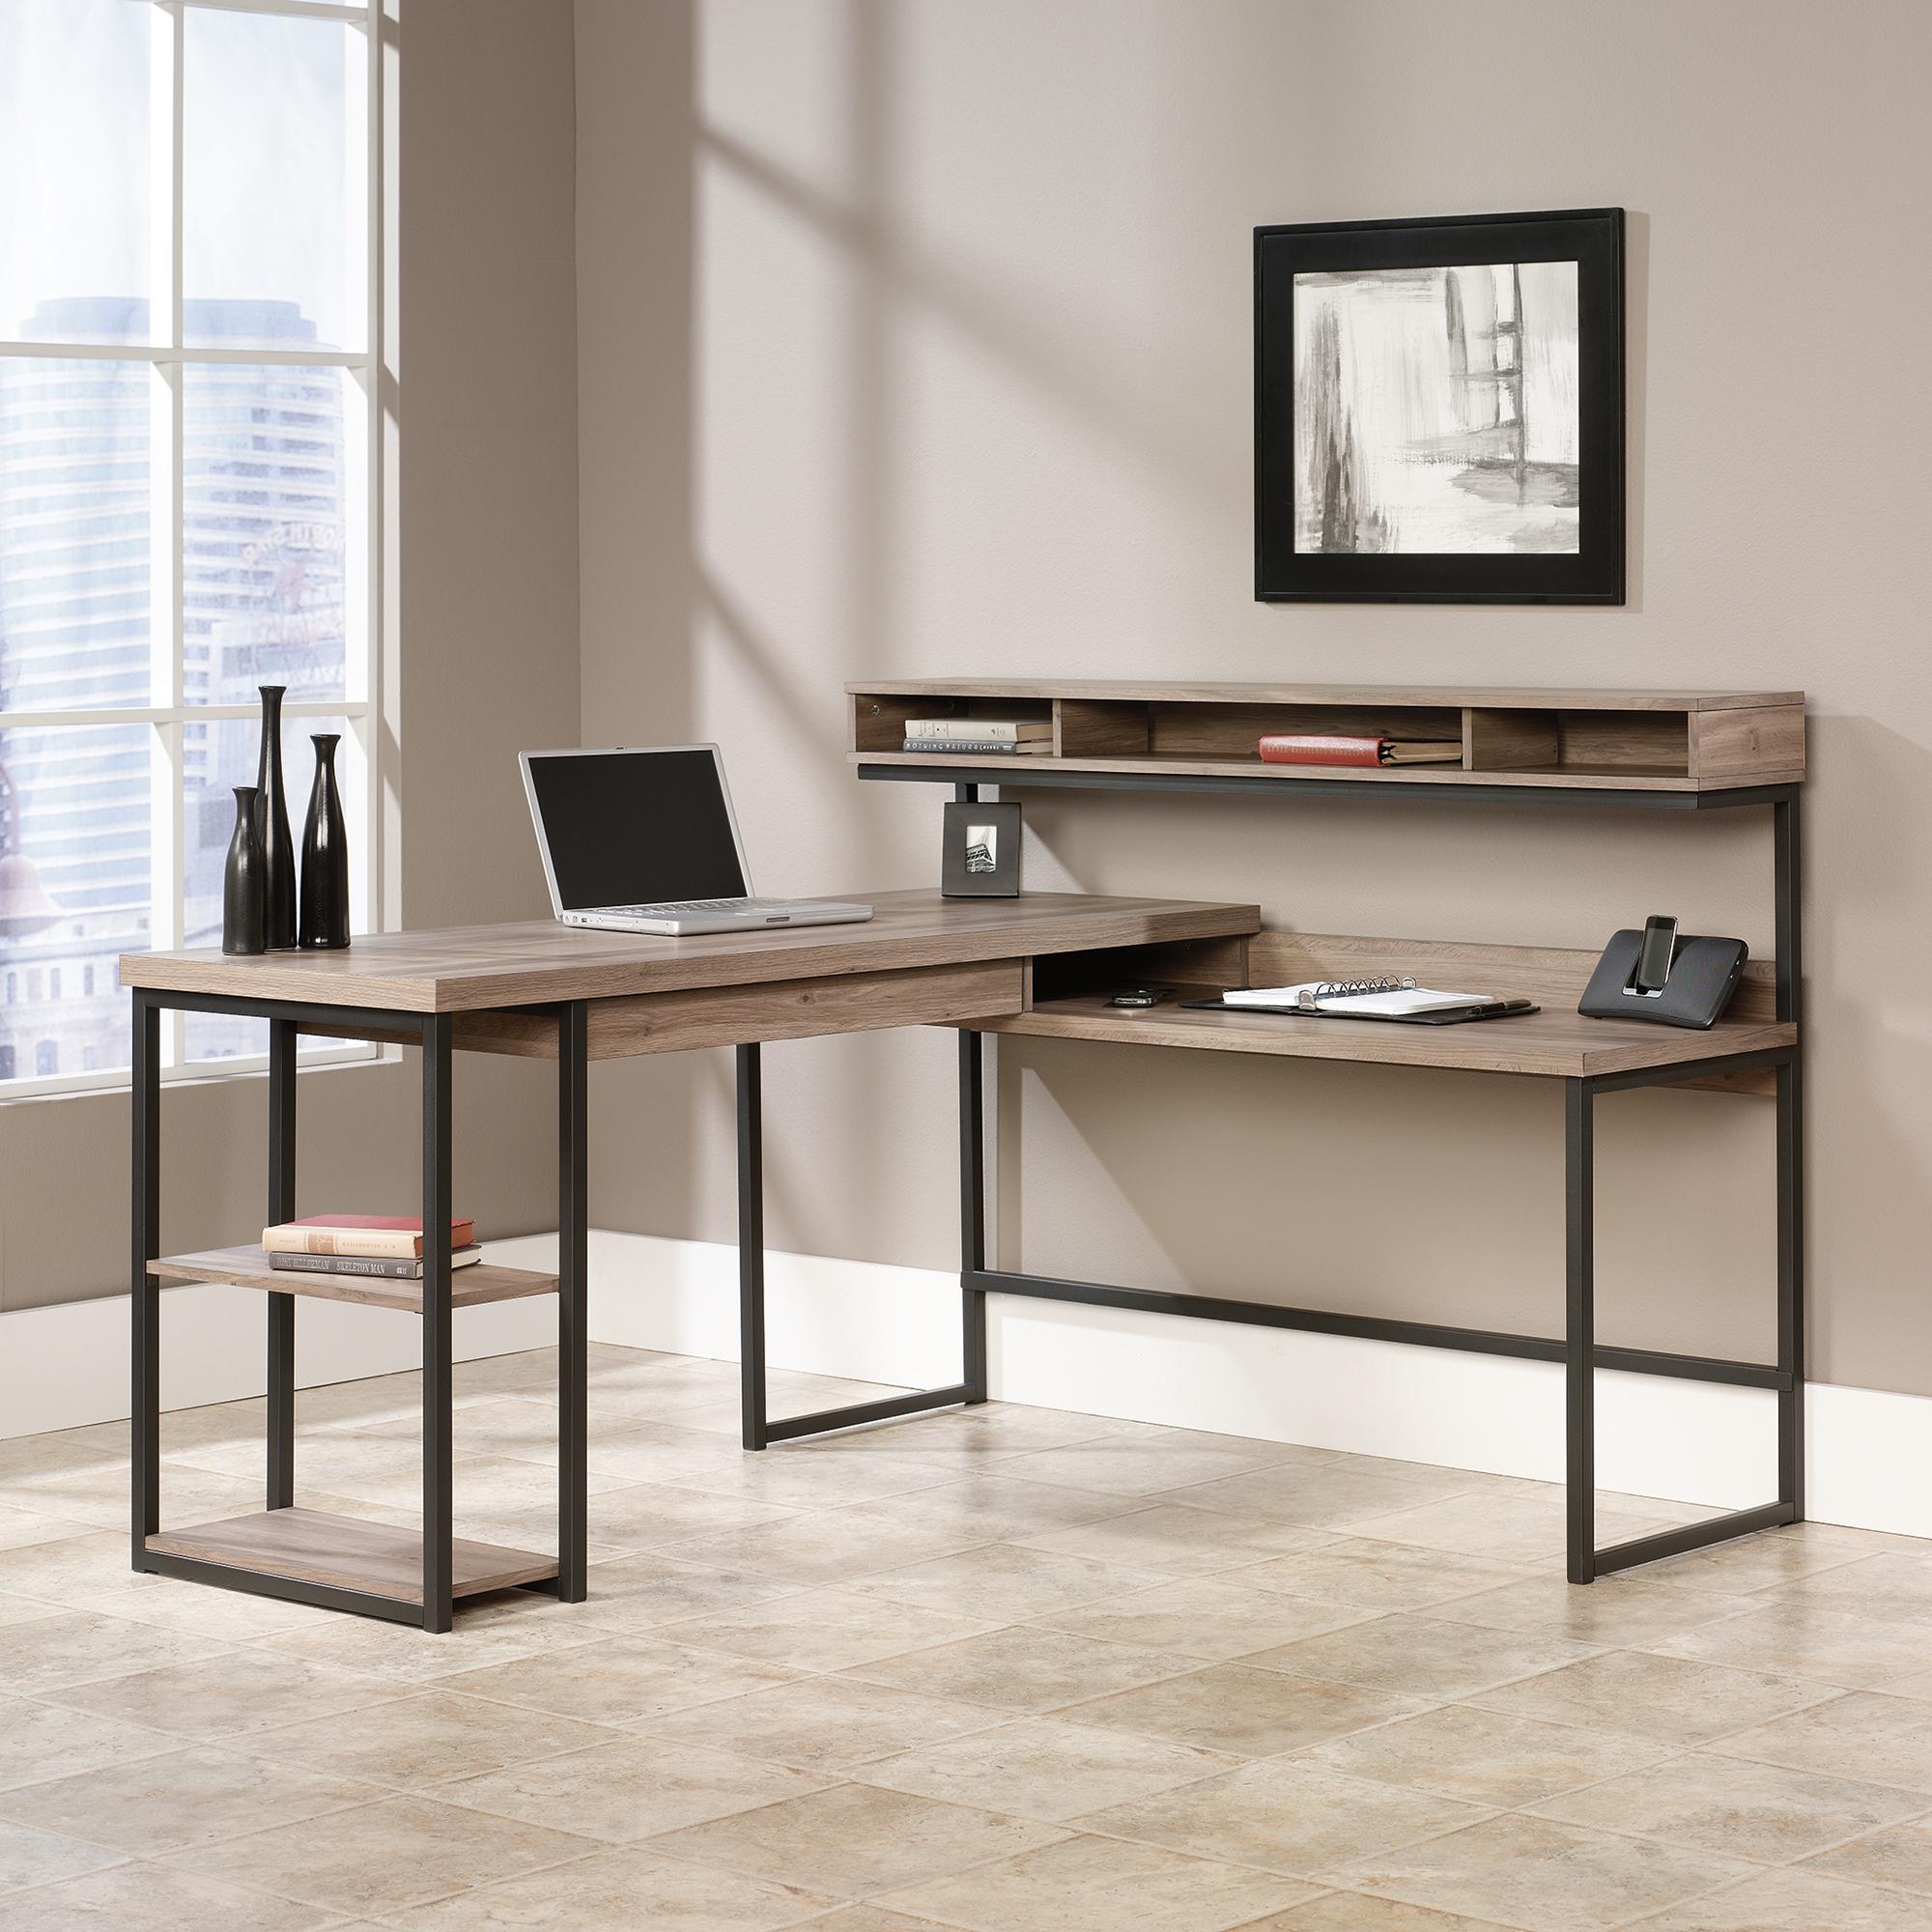 l shaped desk l-shaped desk UWLBHXB